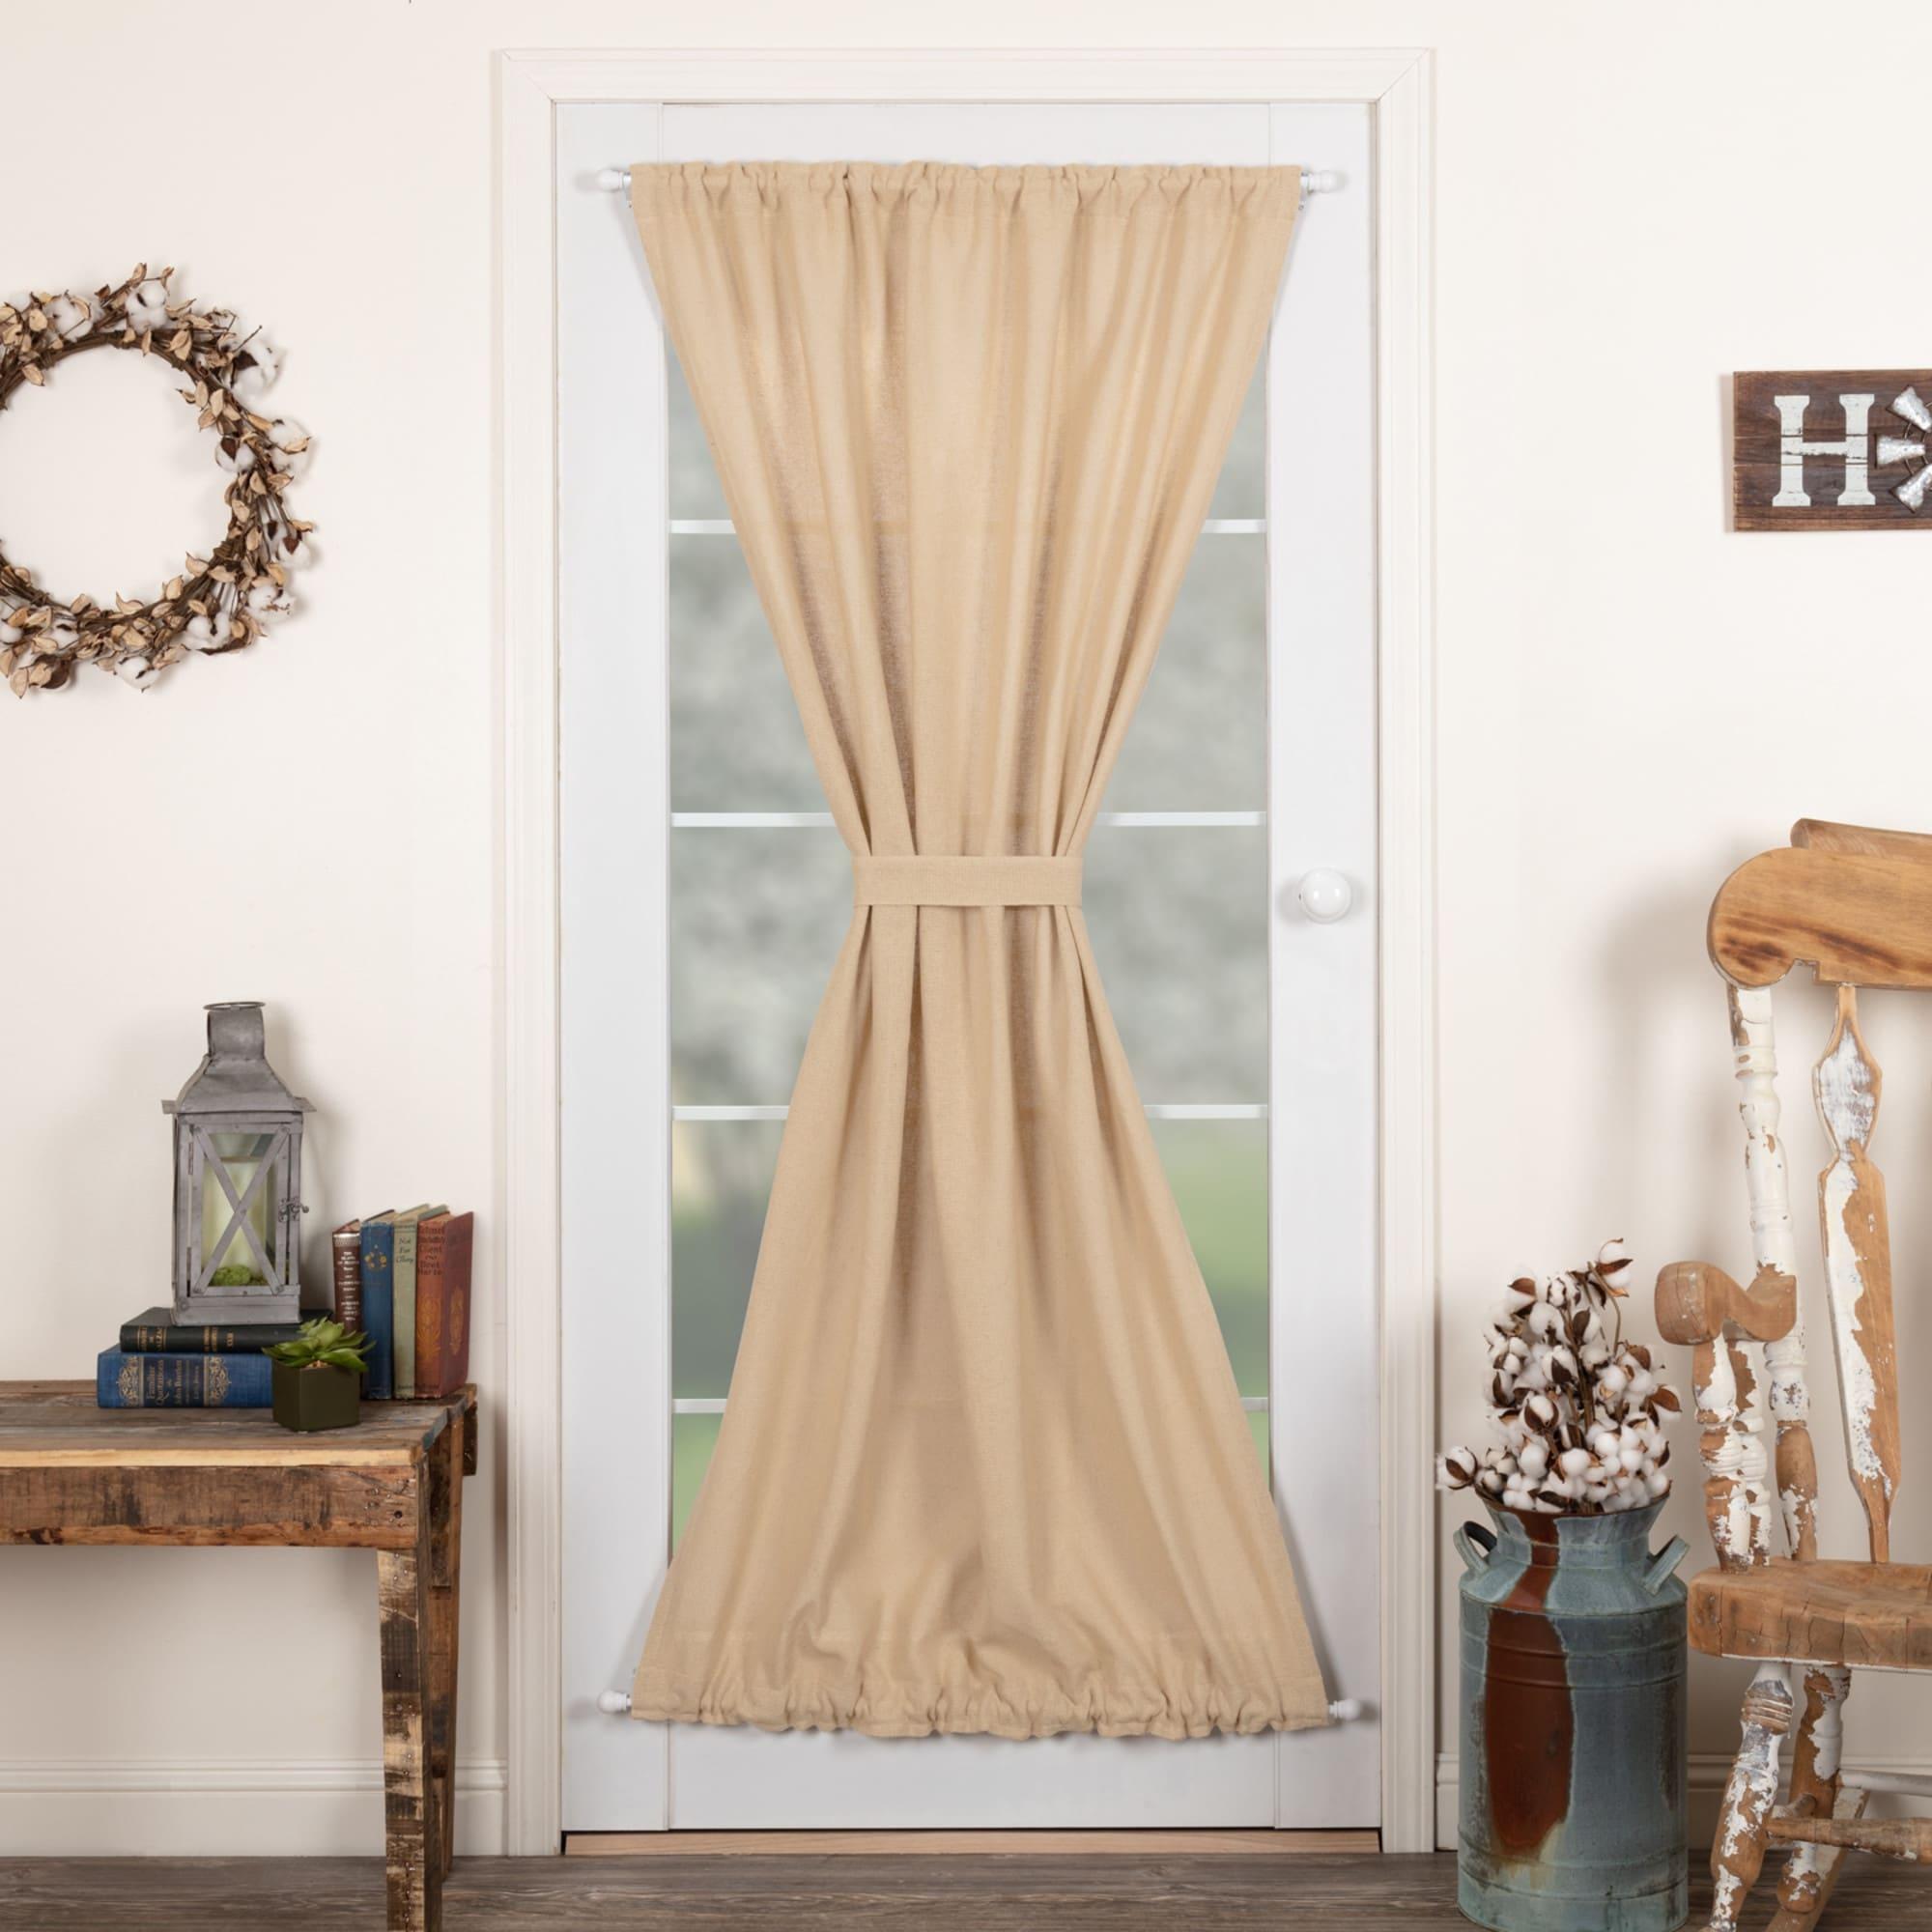 Shop Farmhouse Curtains Vhc Cotton Burlap Door Panel Rod Pocket Solid Color Door Panel 72x40 Door Panel 72x40 Overstock 26057300